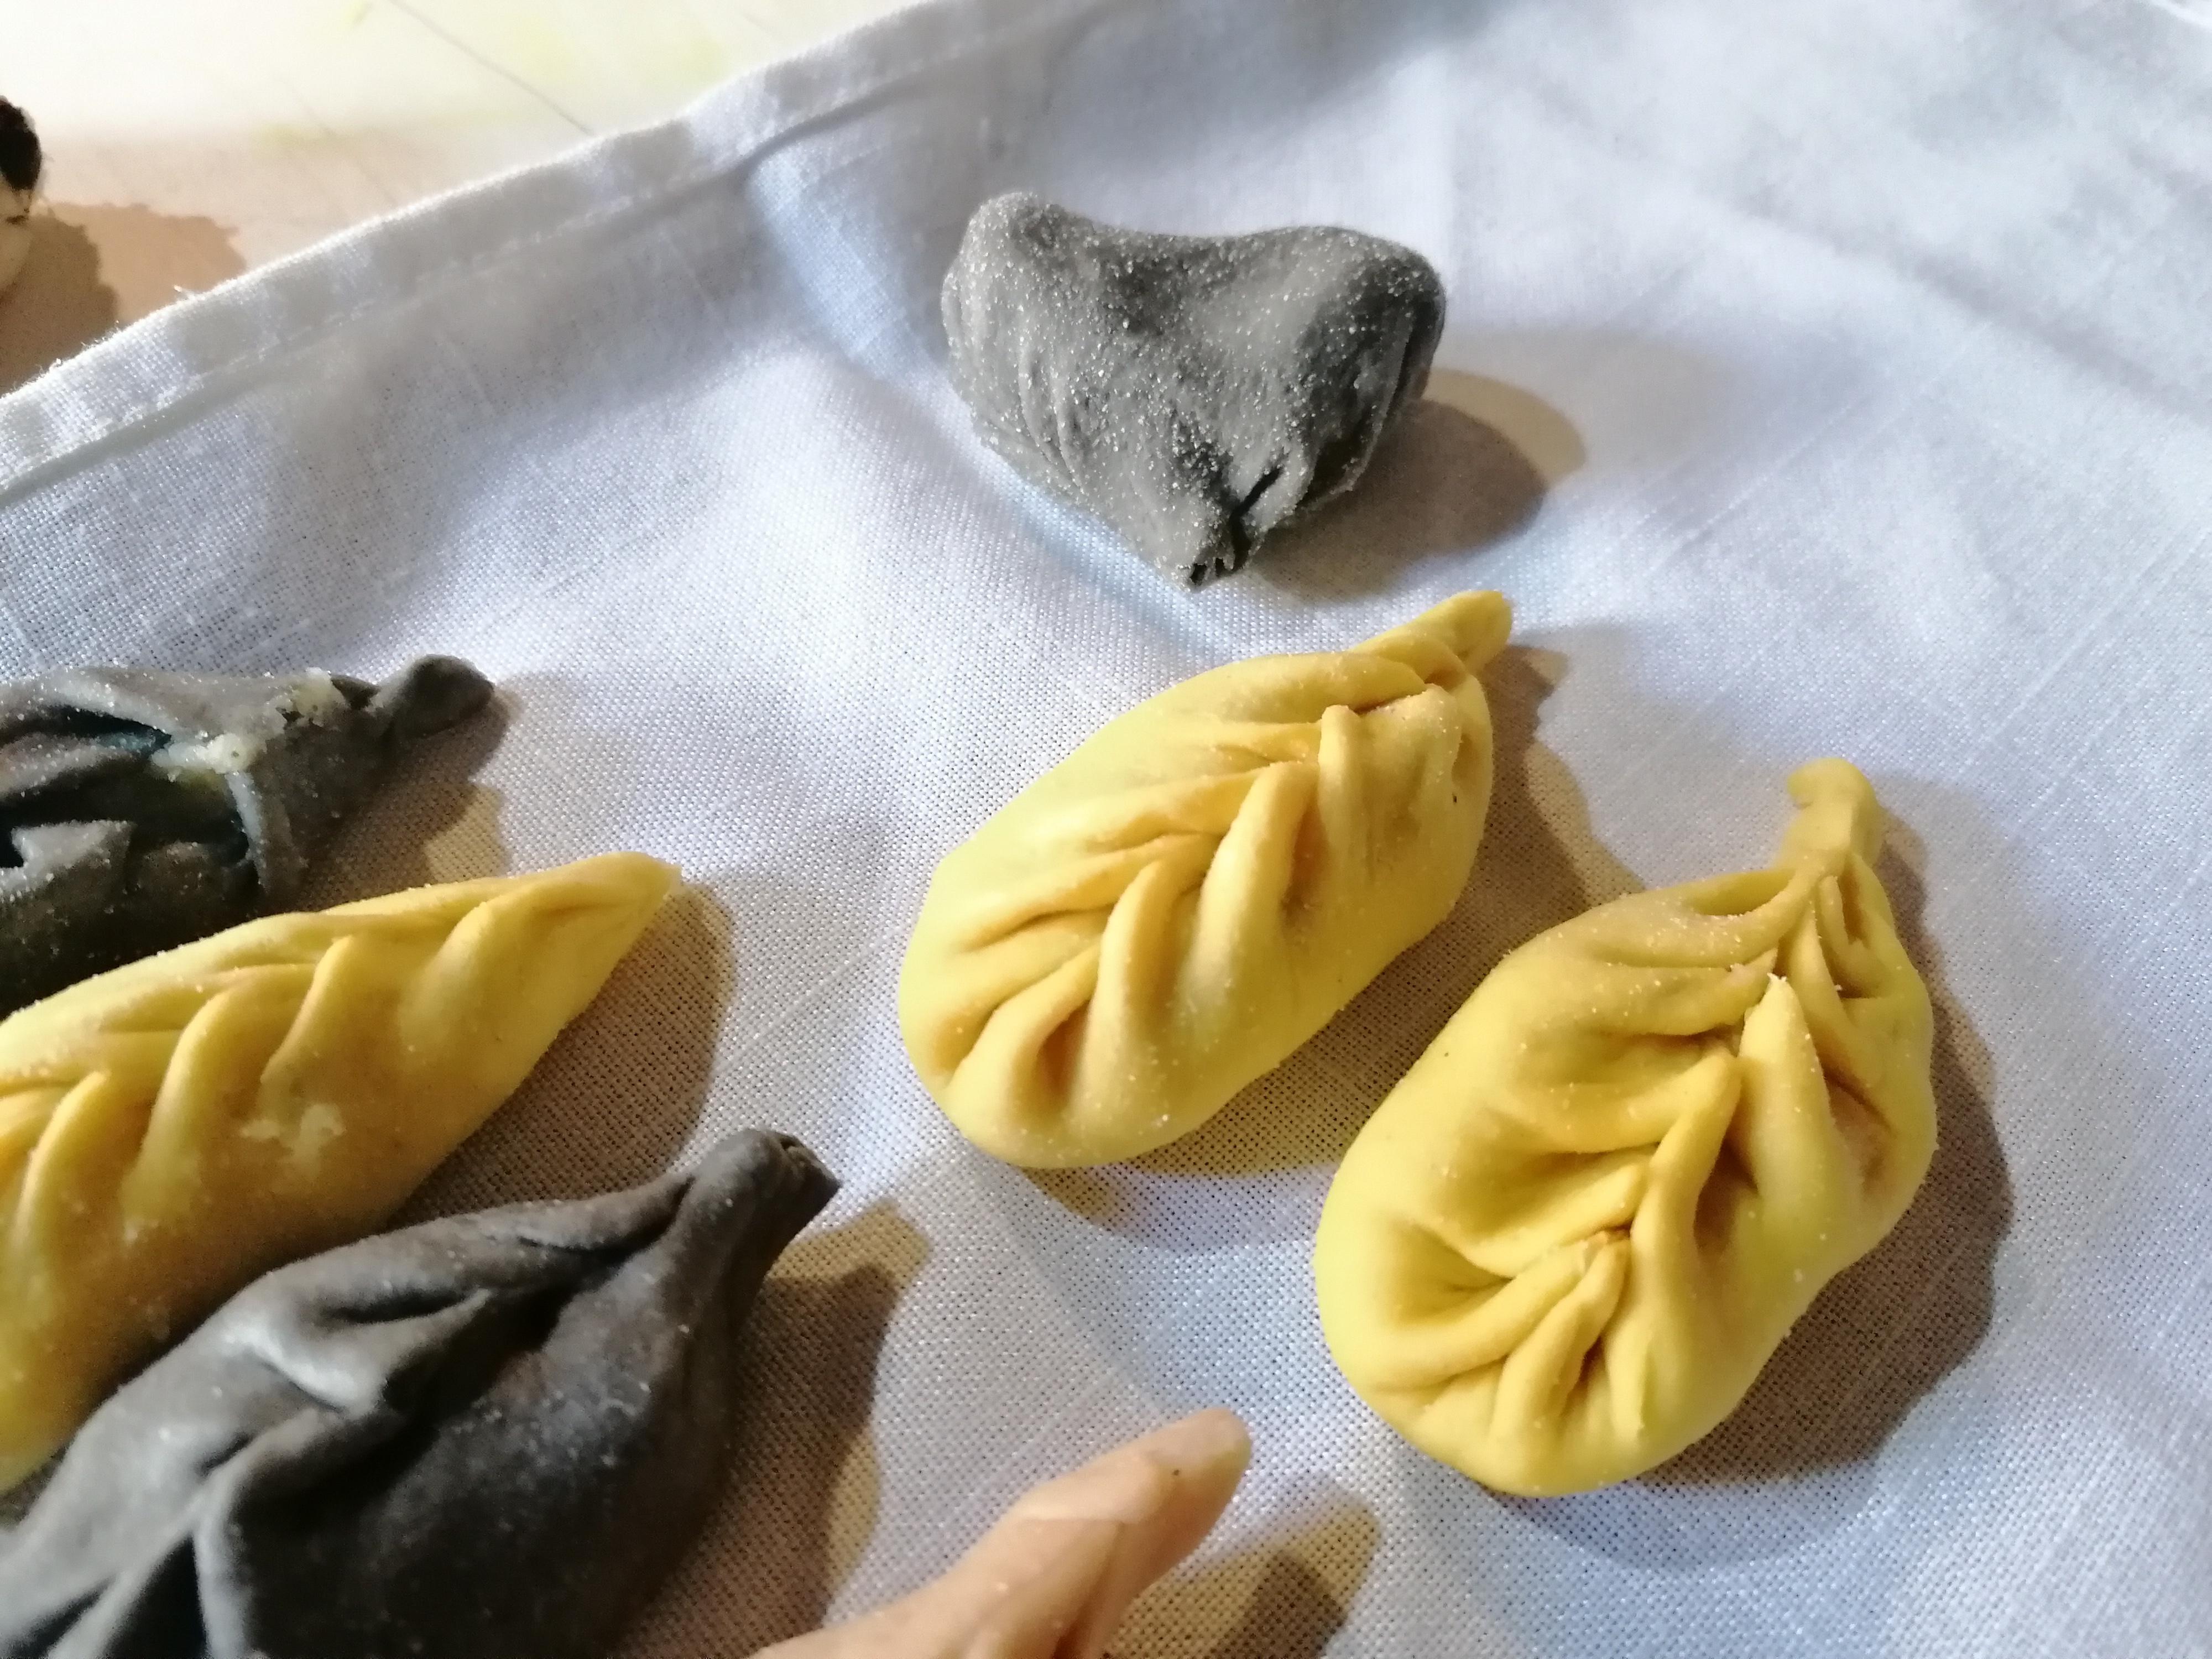 Una experiencia diferente: la pasta fresca hecha a mano